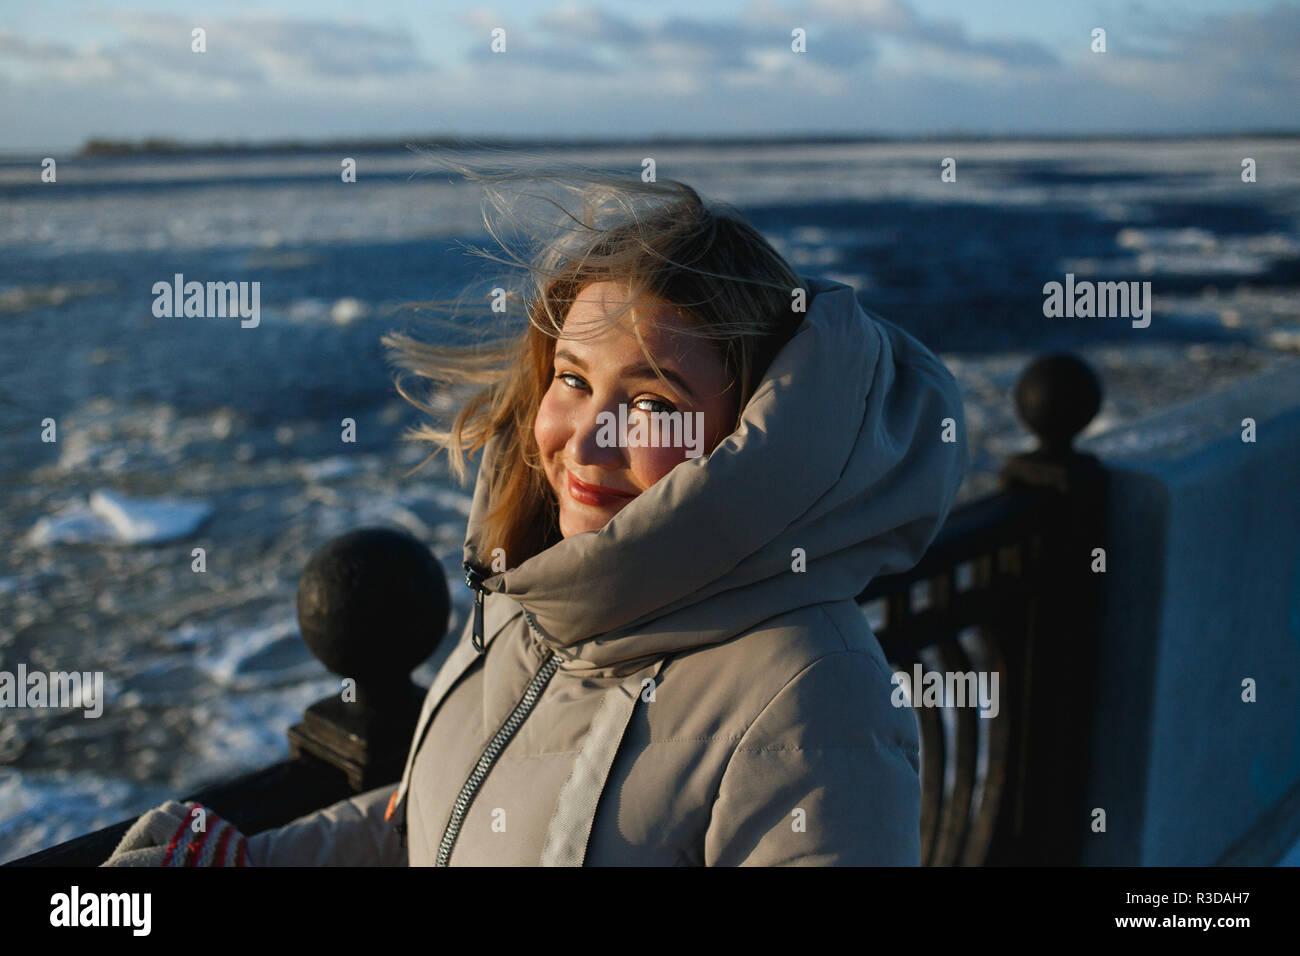 Retrato de bastante alegre mujer sonriente en el fondo del río congelado en el soleado día de invierno. Caminar en invierno saludable sinny frosty día. Imagen De Stock